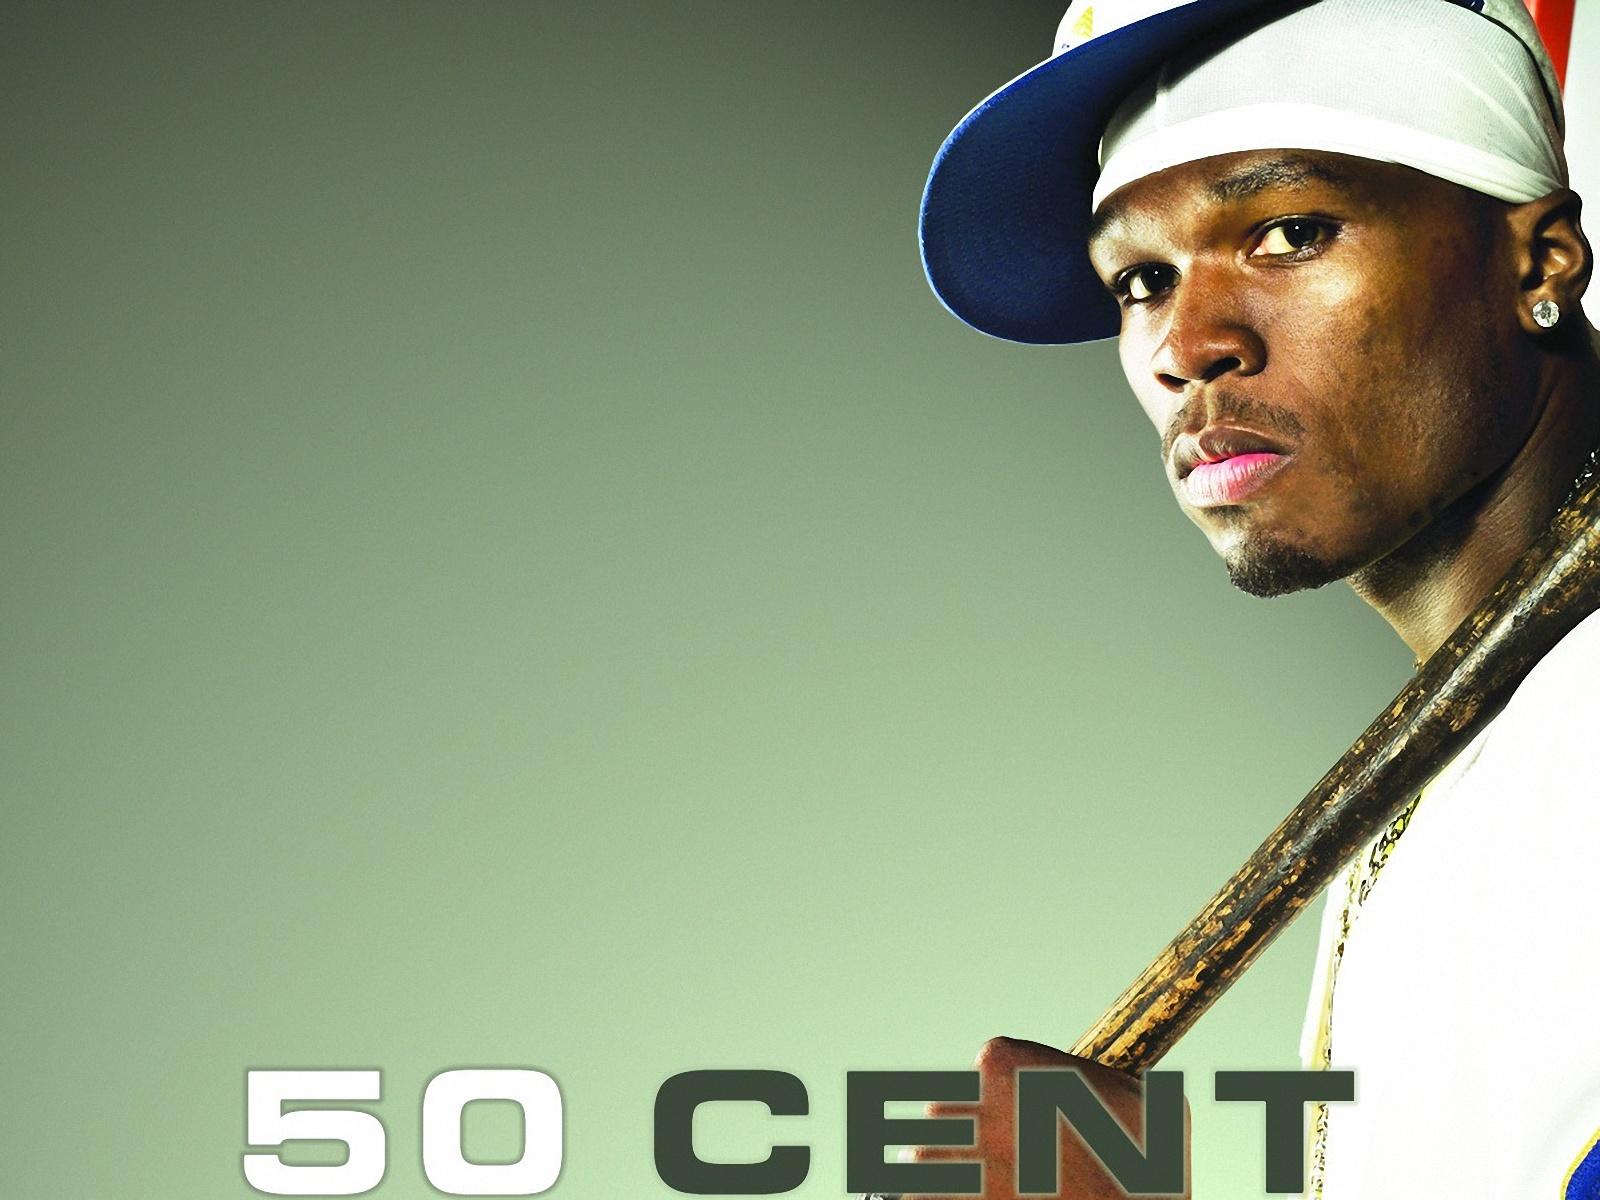 50 Cent Американский рэпер актёр писатель боксёрский промоутер и продюсер известный под